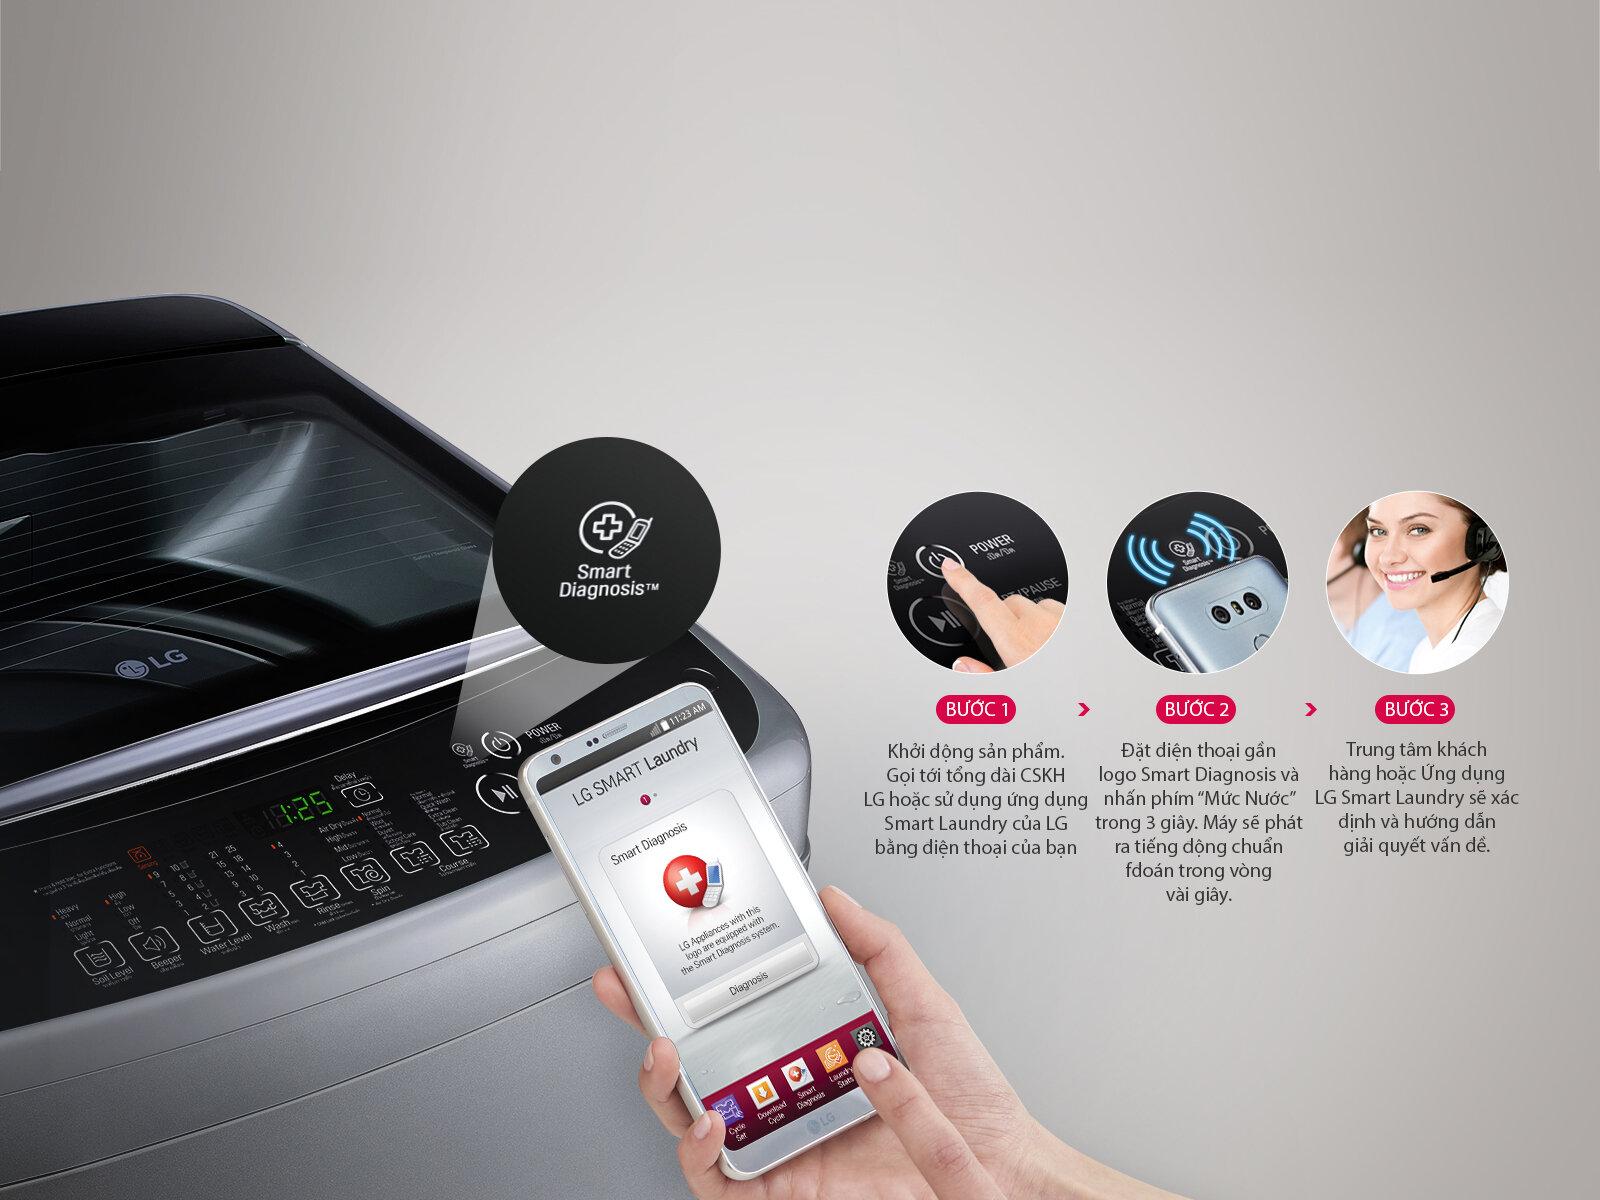 Bảng điều khiển trên máy giặt LG cửa trên